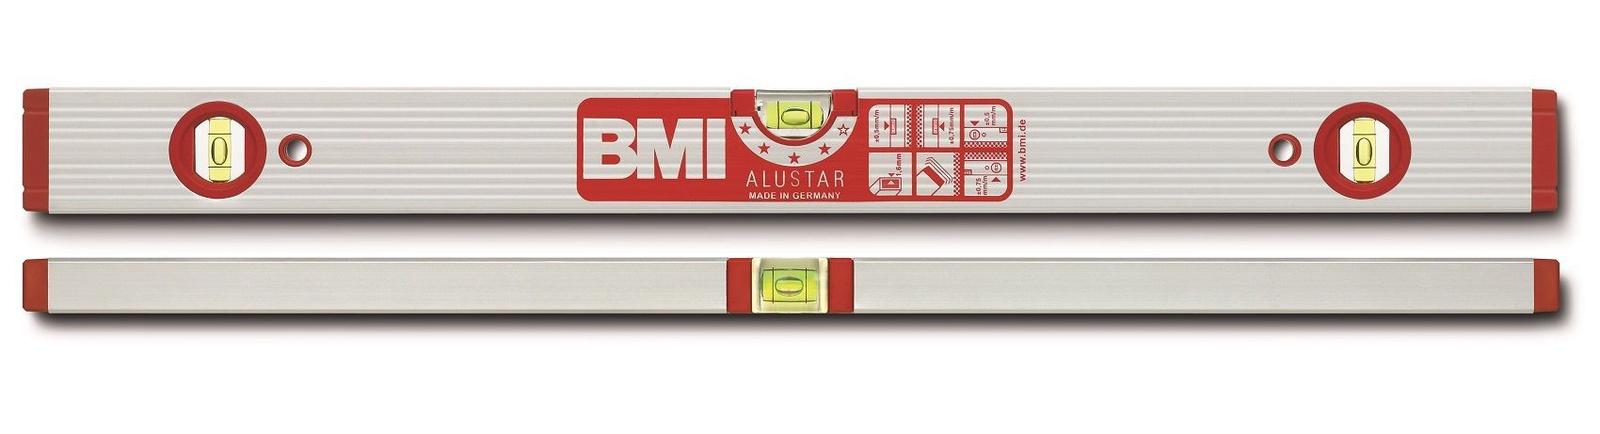 Уровень противоударный ALUSTAR 800 мм BMI 691080S